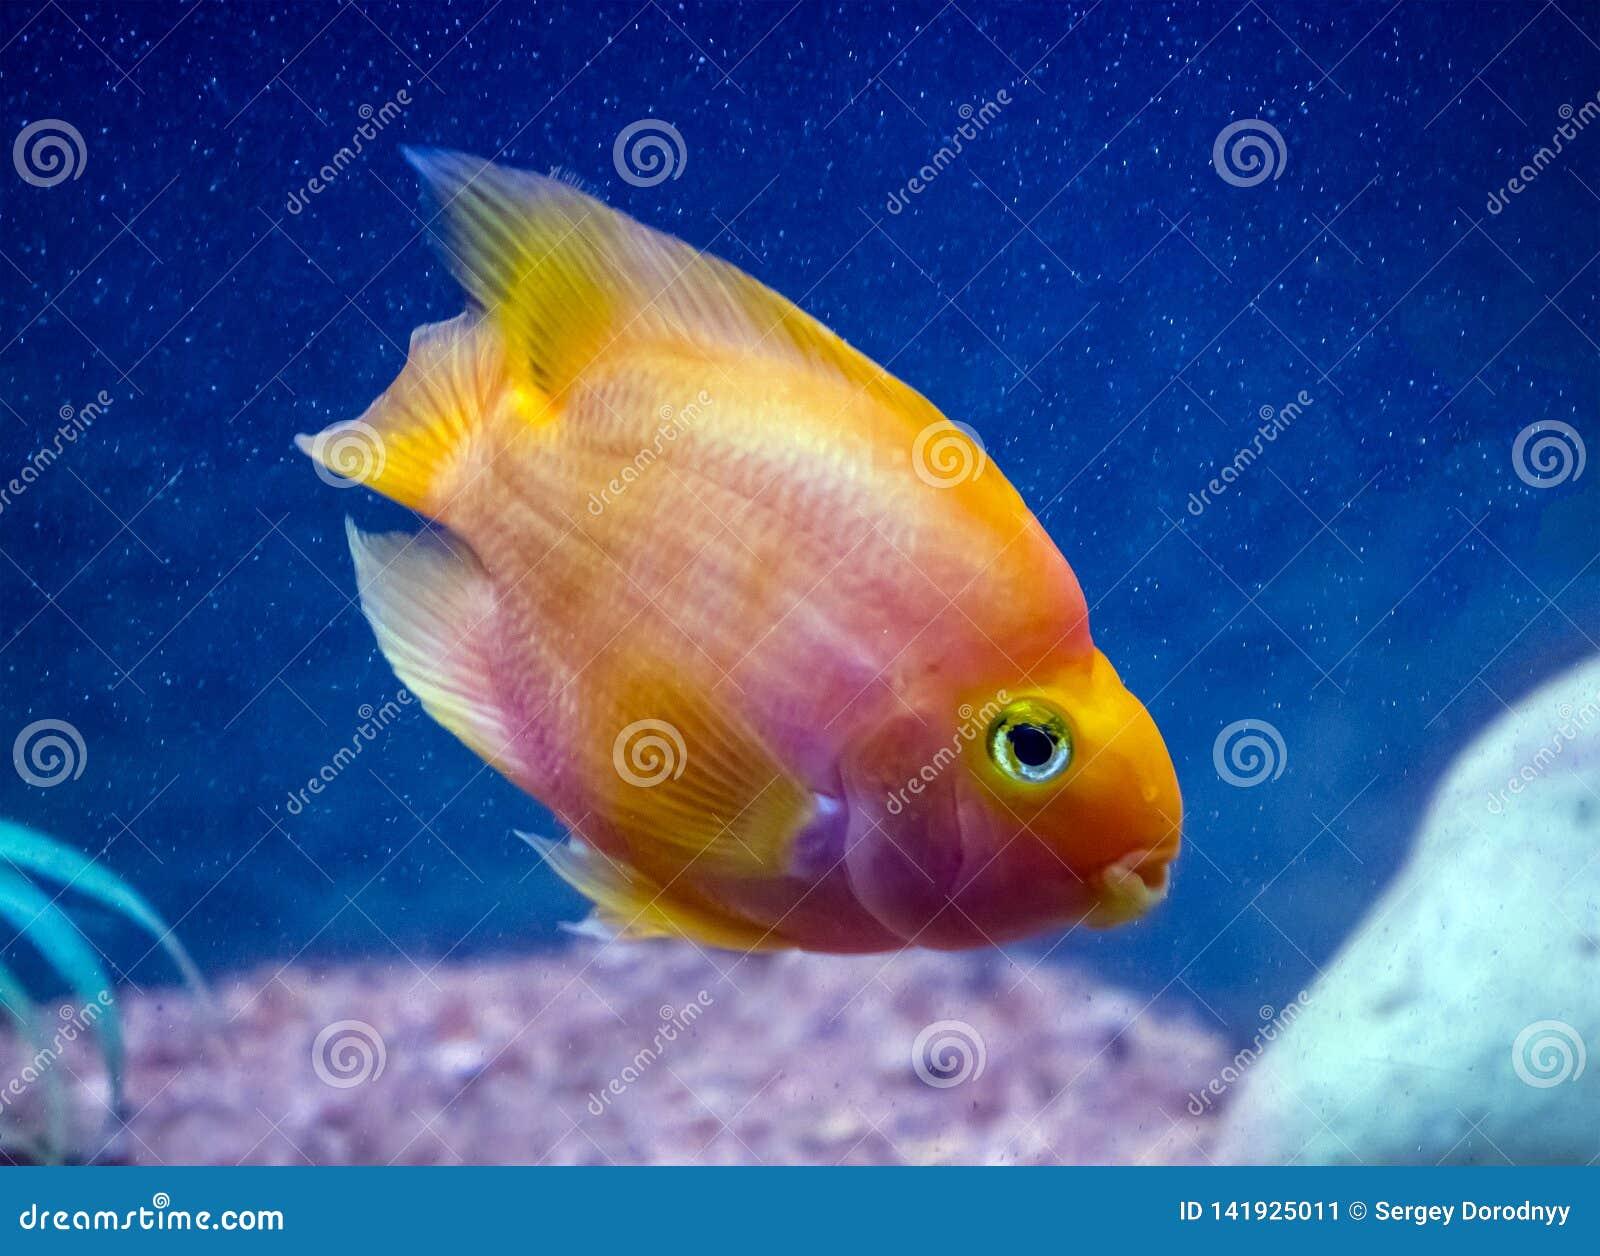 Κόκκινα ψάρια ενυδρείων παπαγάλων στο μπλε νερό